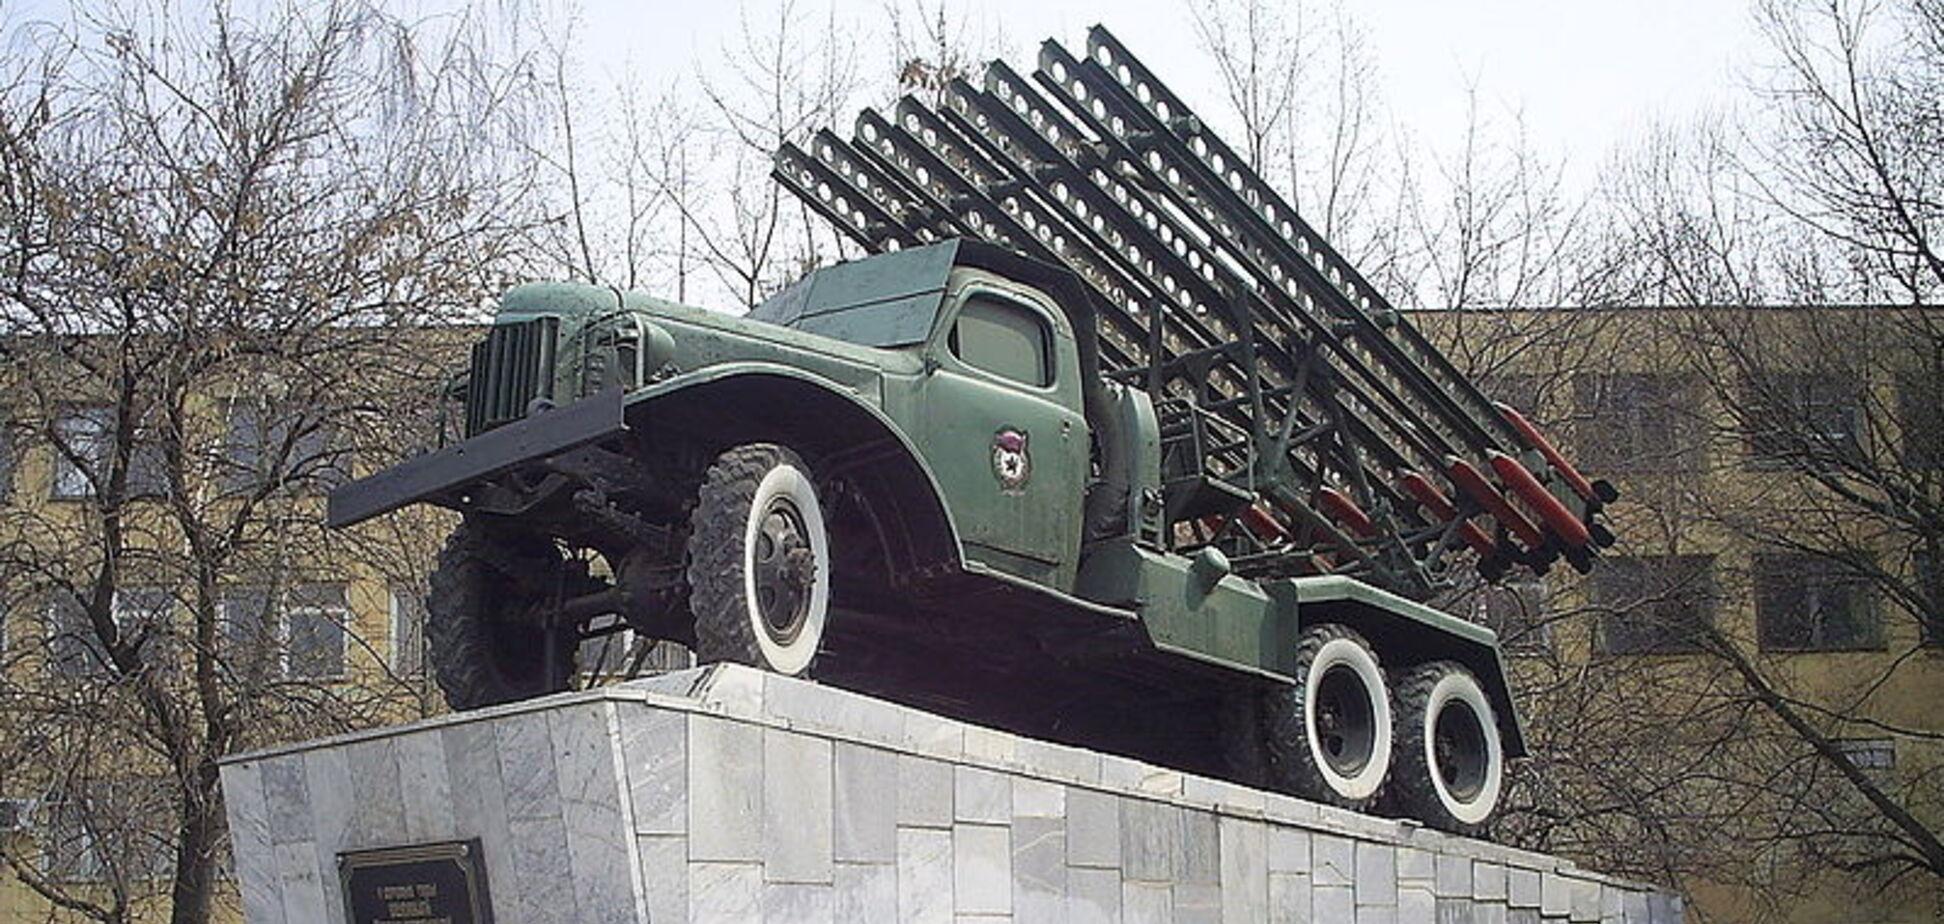 Найпотужніша зброя СРСР: чим Москва лякала весь світ